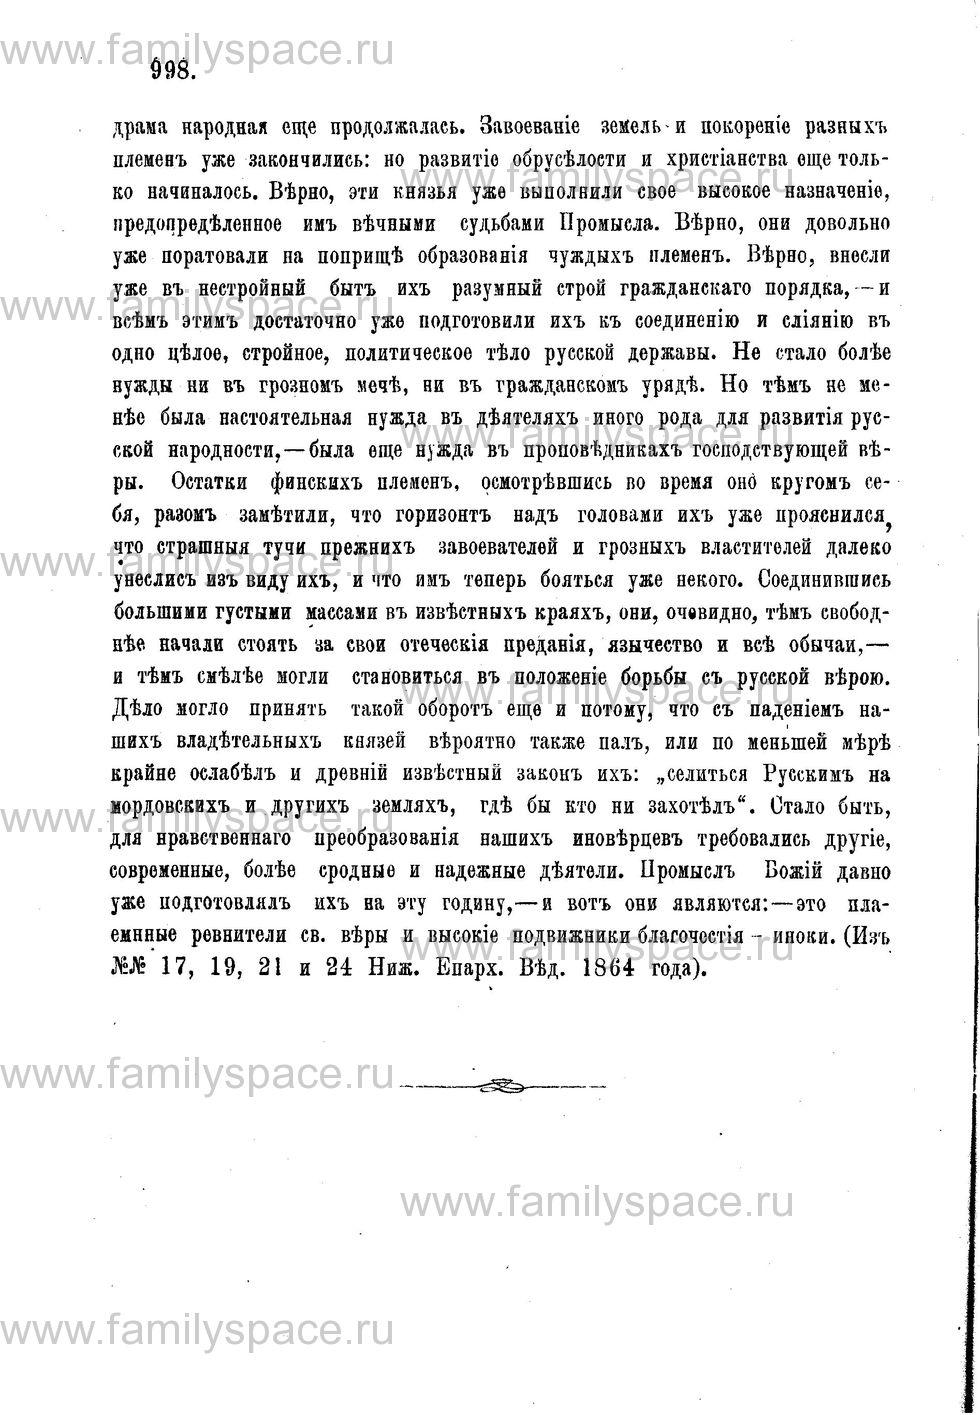 Поиск по фамилии - Адрес-календарь Нижегородской епархии на 1888 год, страница 1998